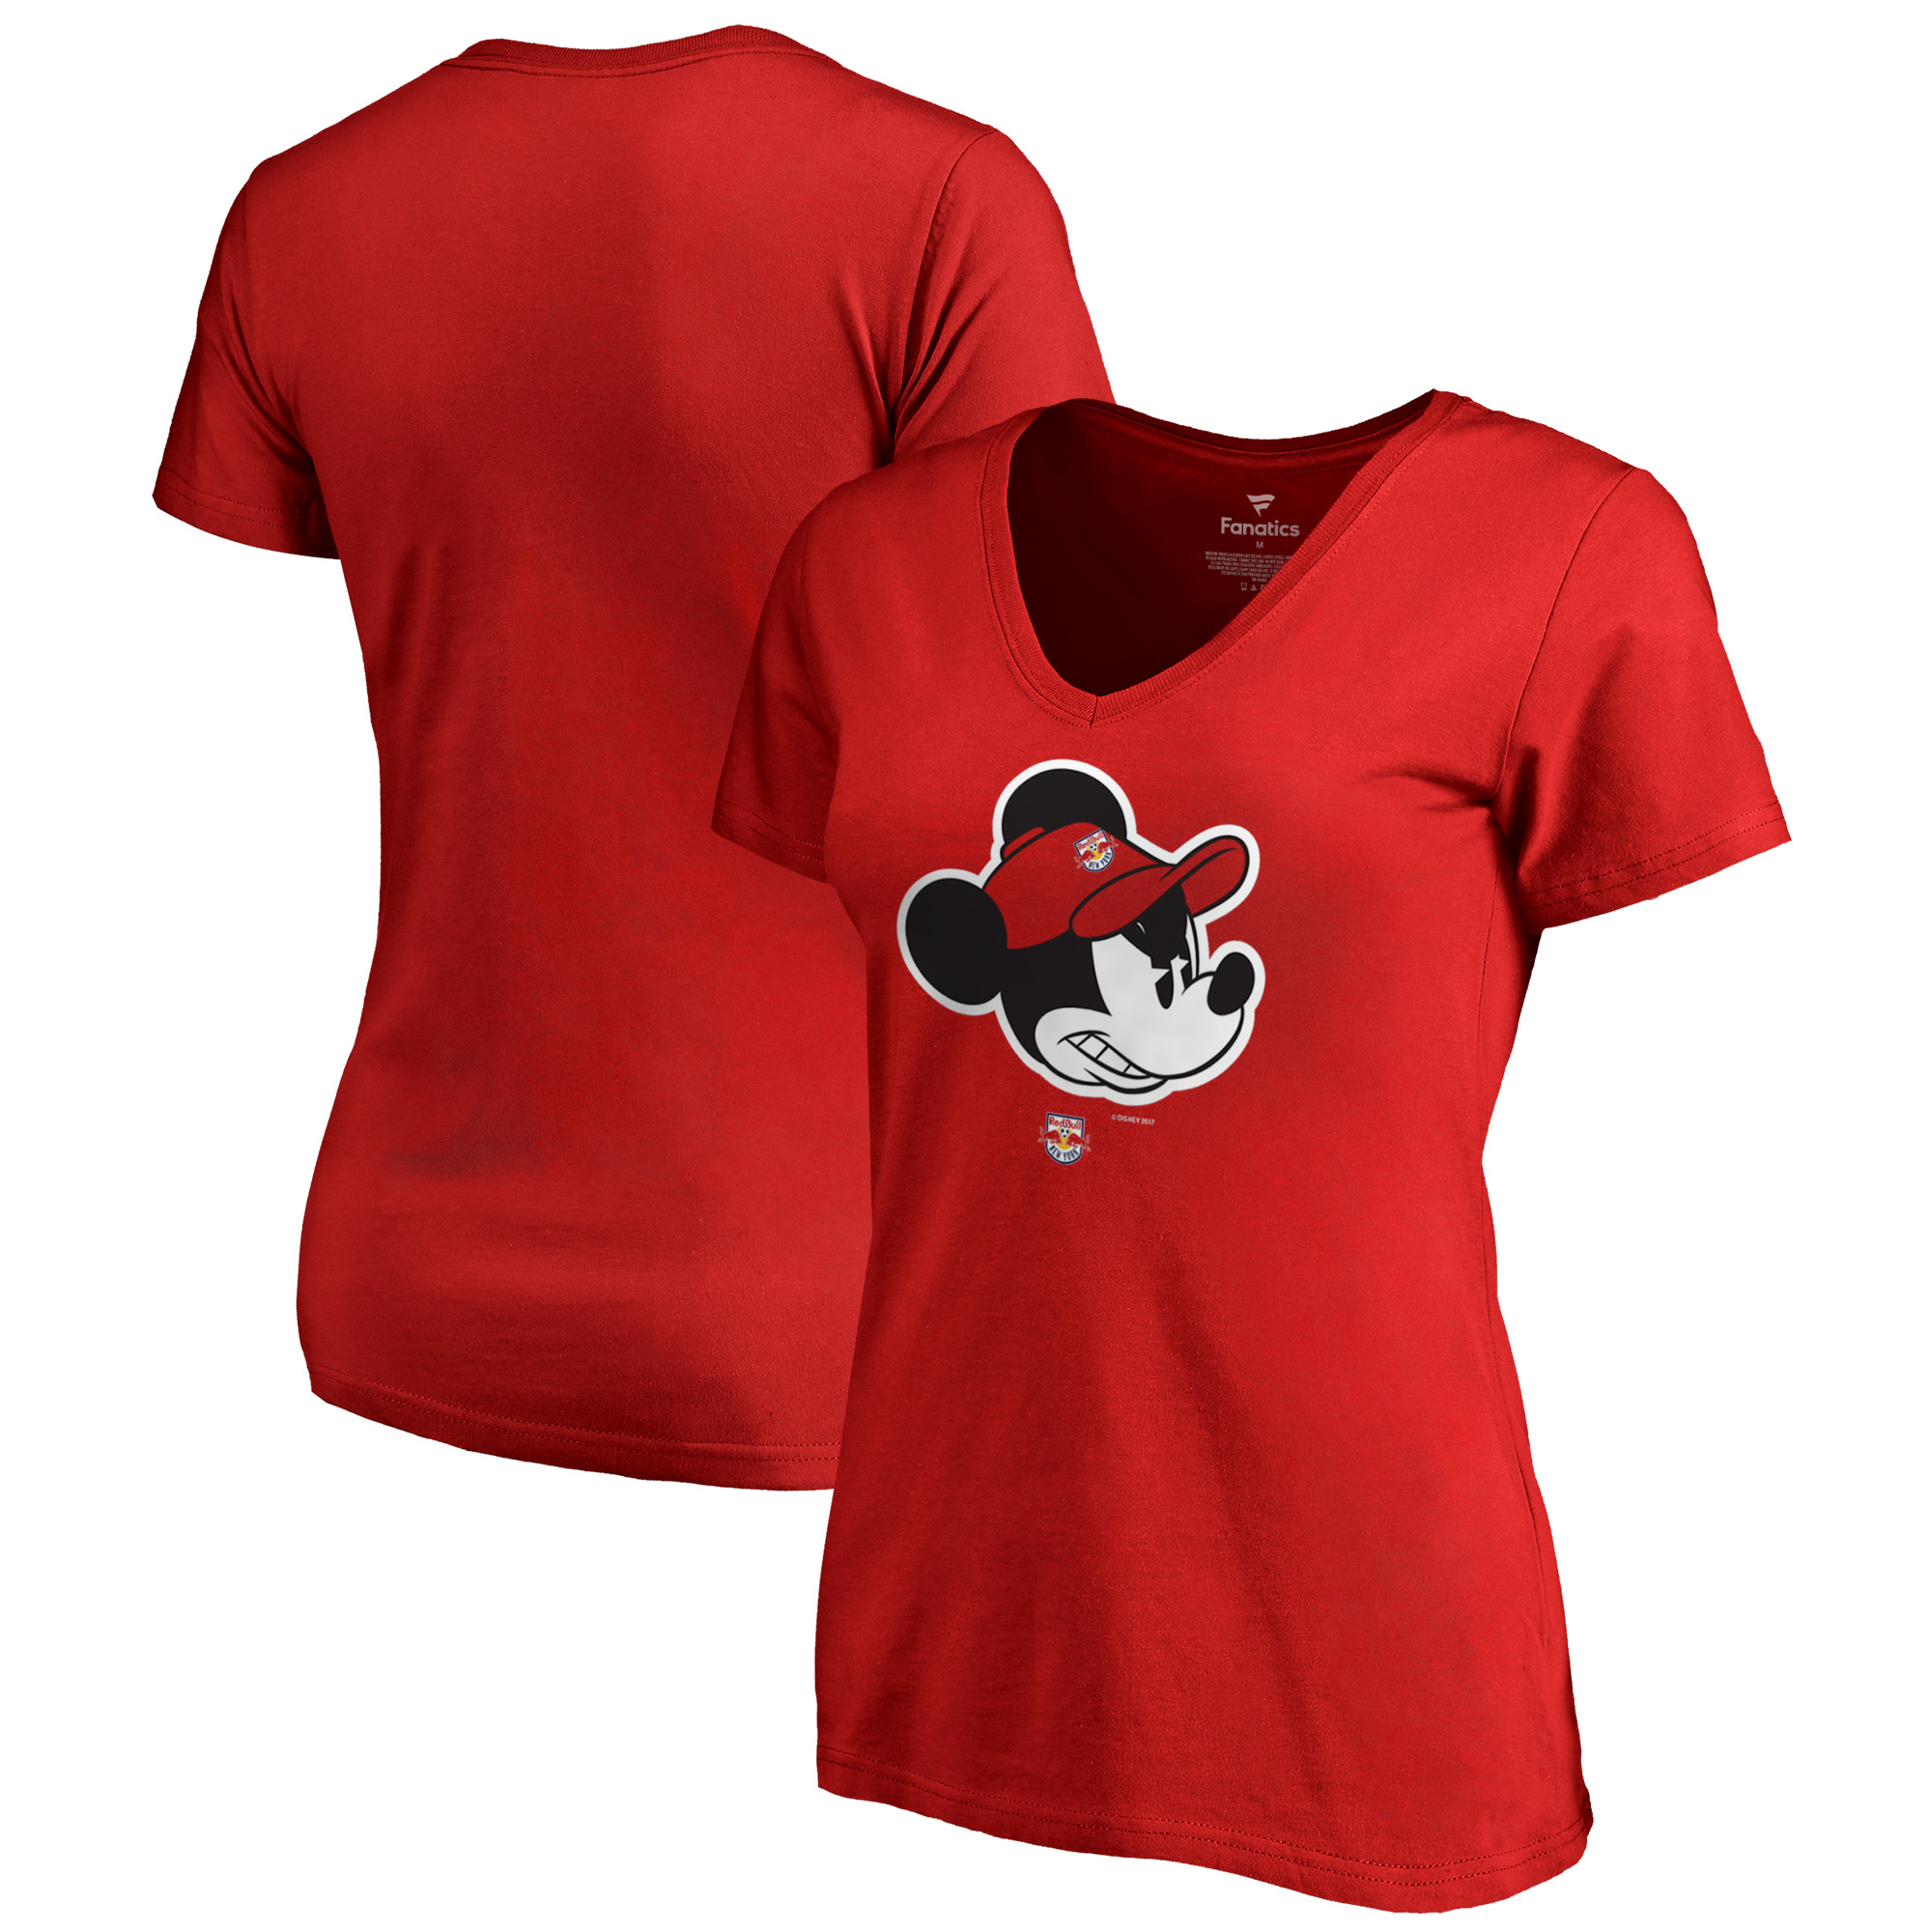 New York Red Bulls Fanatics Branded Women's Disney Game Face V-Neck T-Shirt - Red